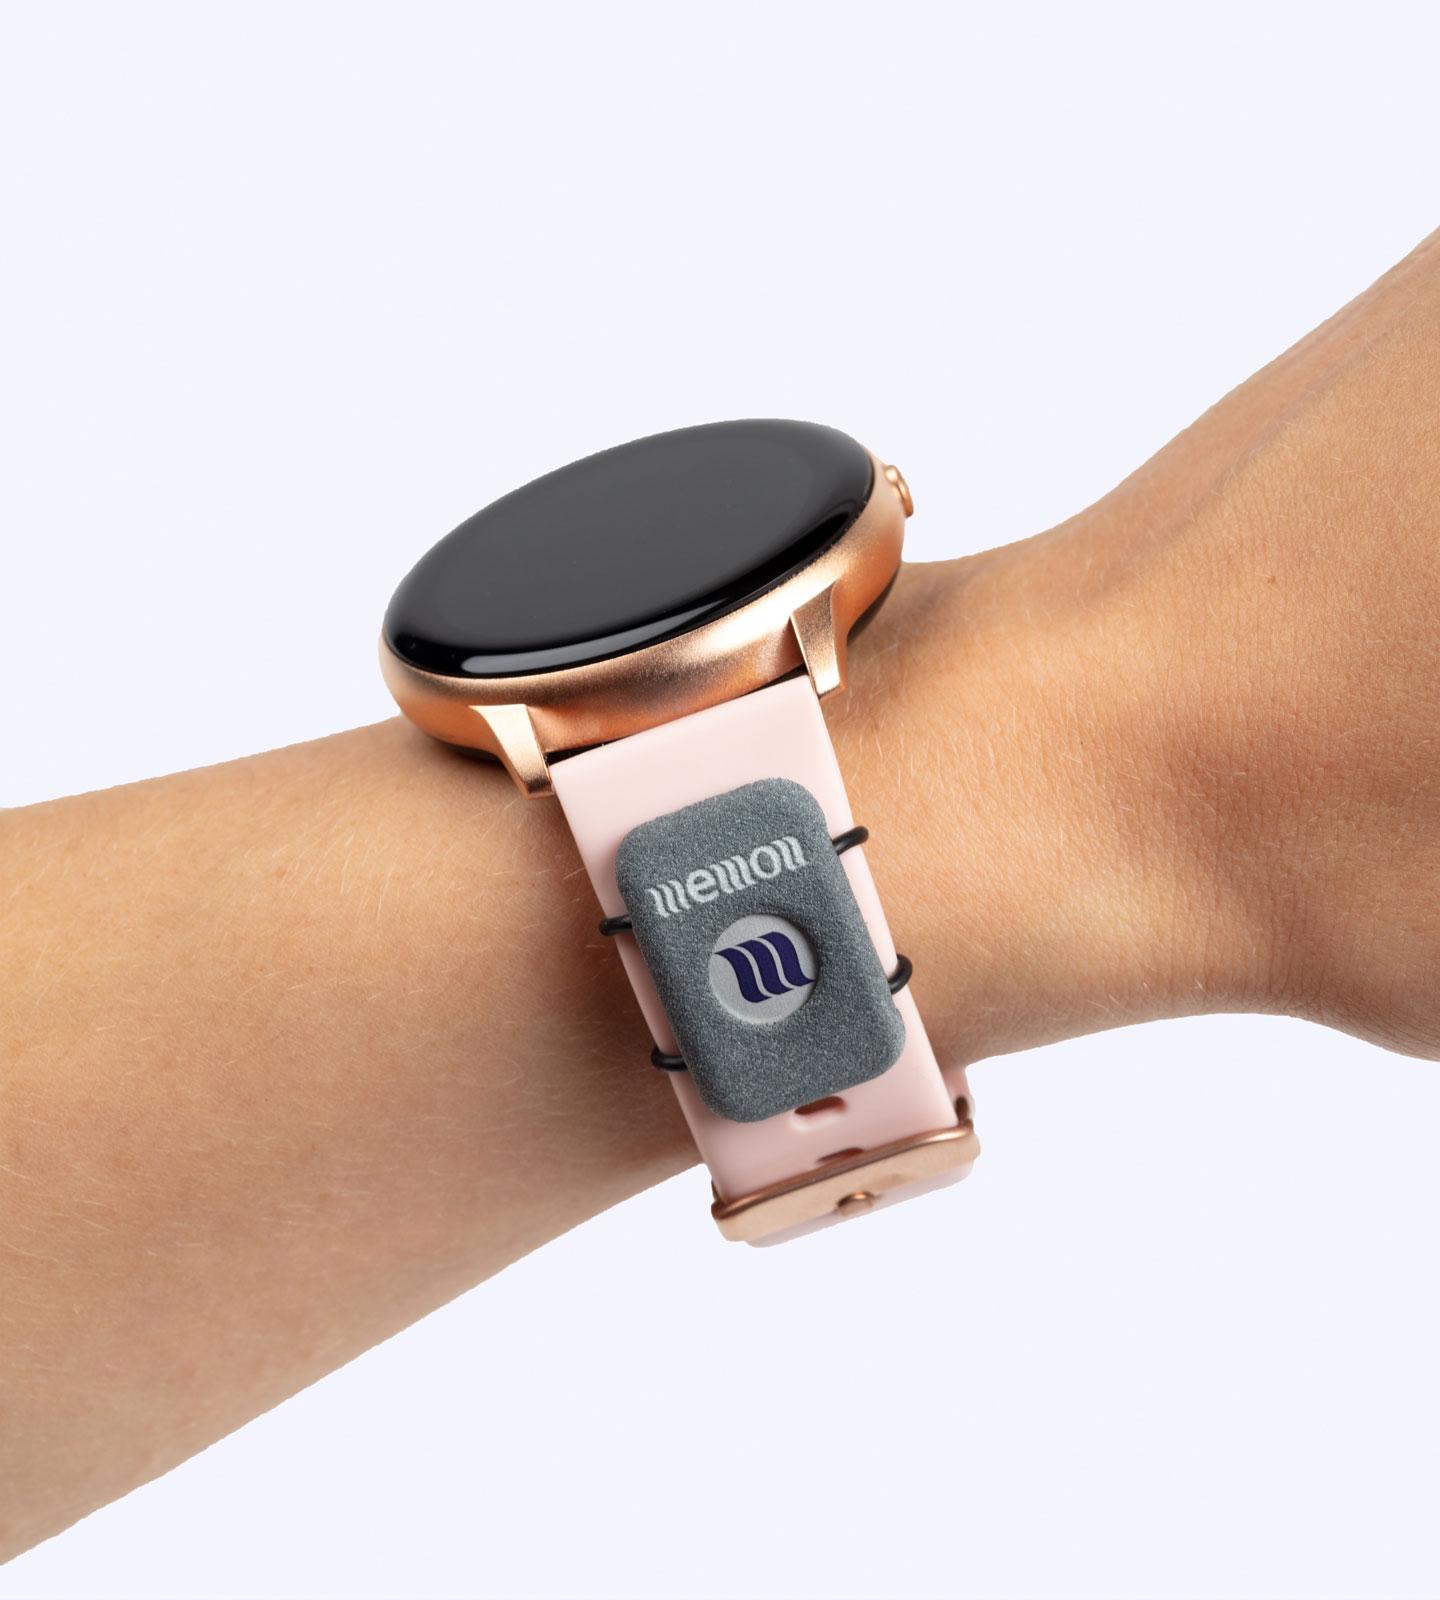 Der memonizerWATCH in grau installiert auf einer Smartwatch am Armband